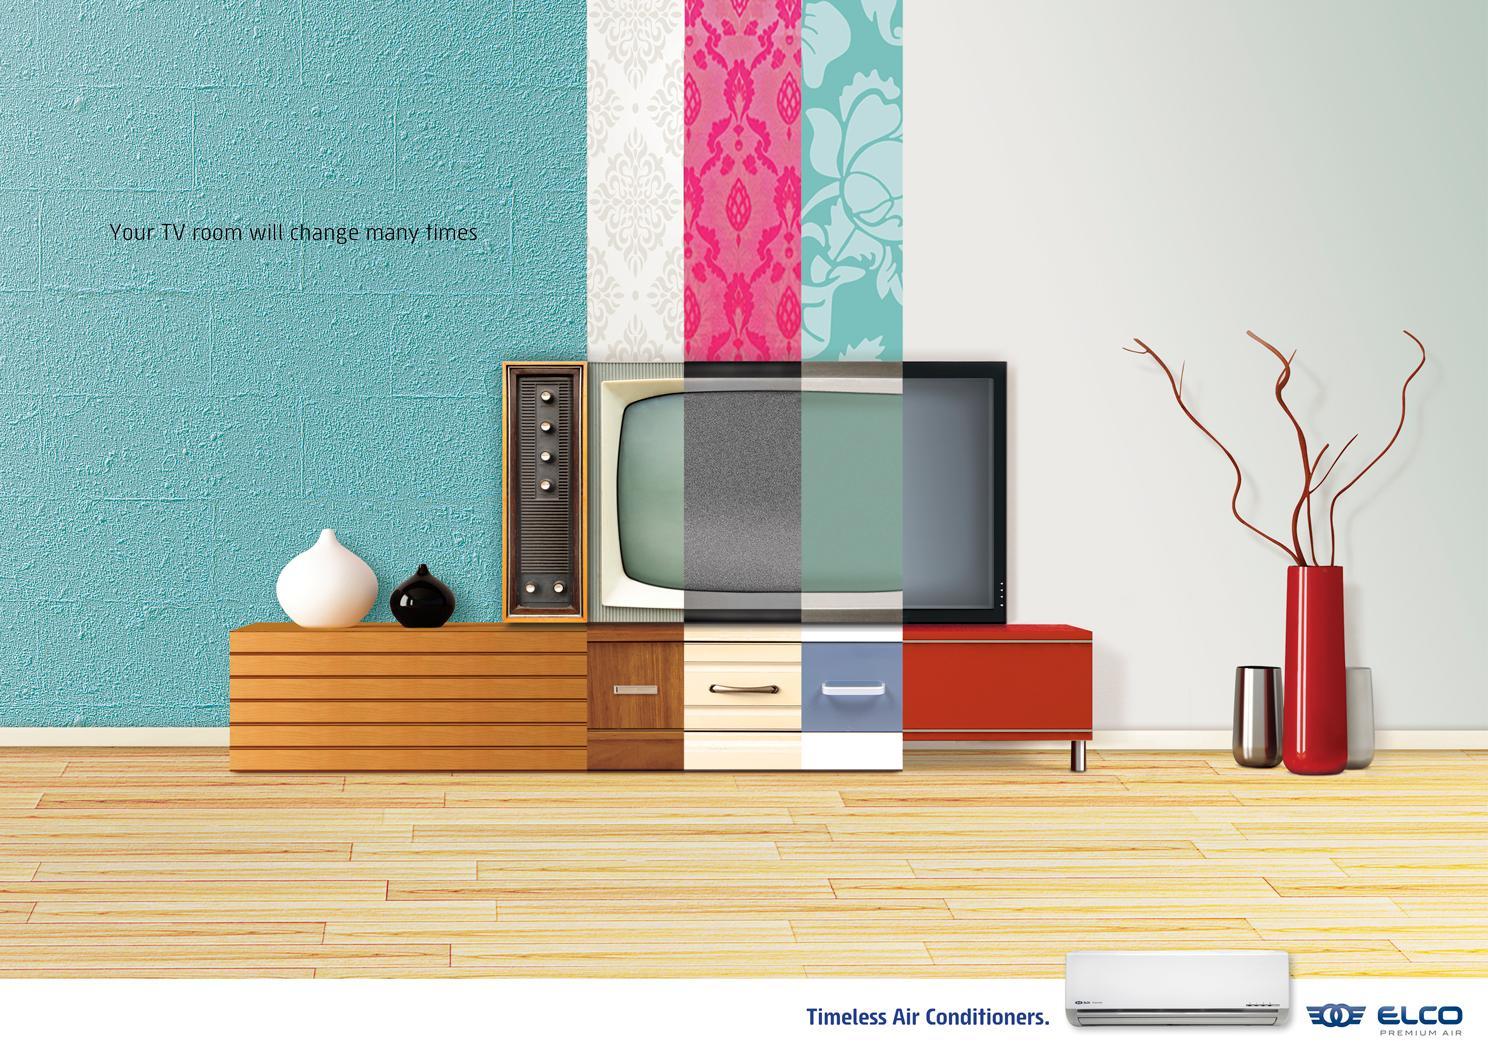 ELCO Premium Air Print Ad -  TV room